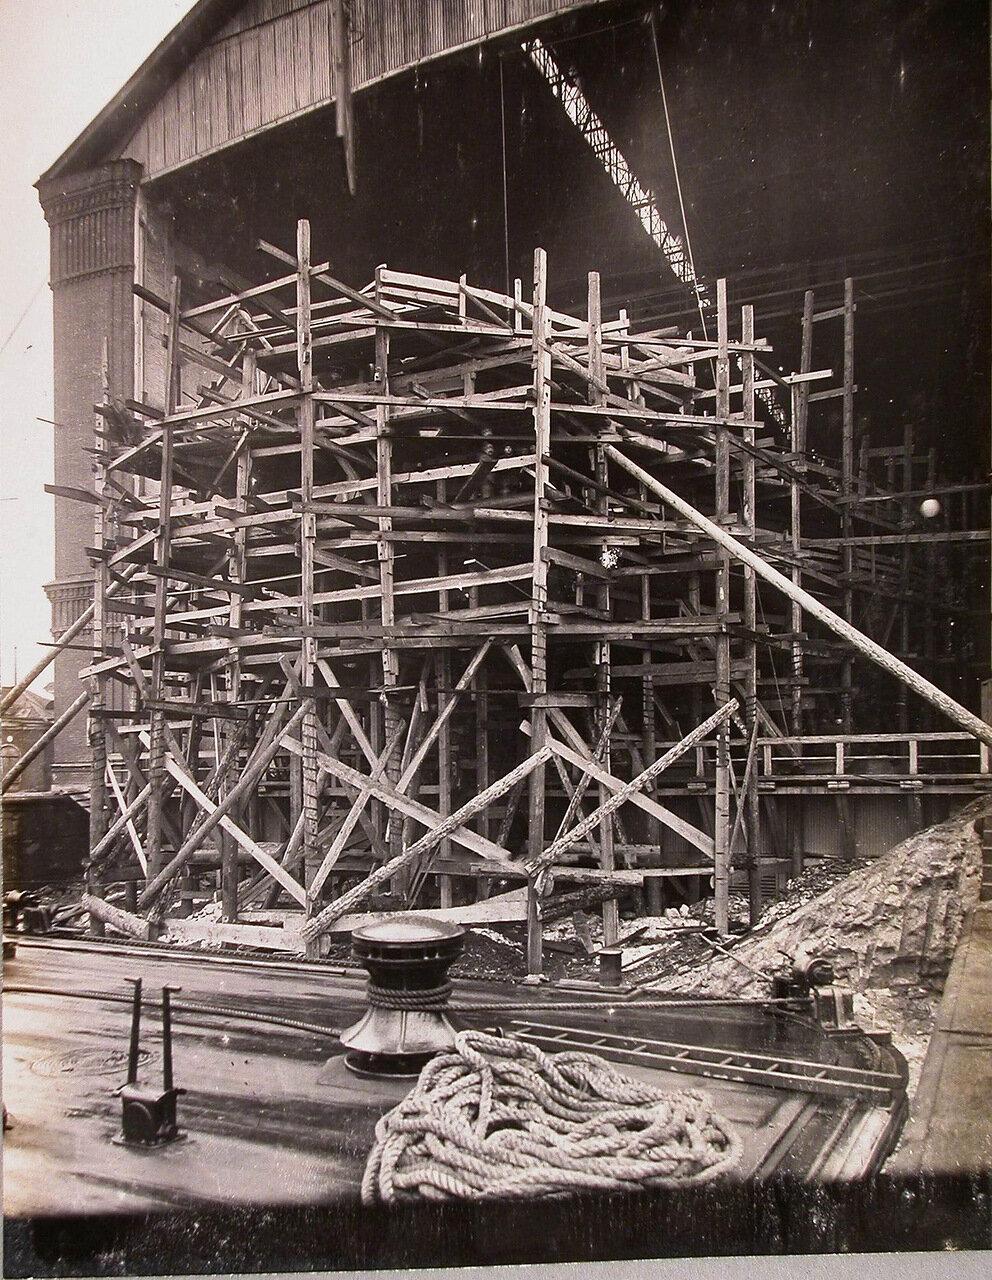 27. Леса в кормовой части строящегося линейного корабля «Полтава»; на первом плане - заведенный батопорт.  4 апреля 1911 г.